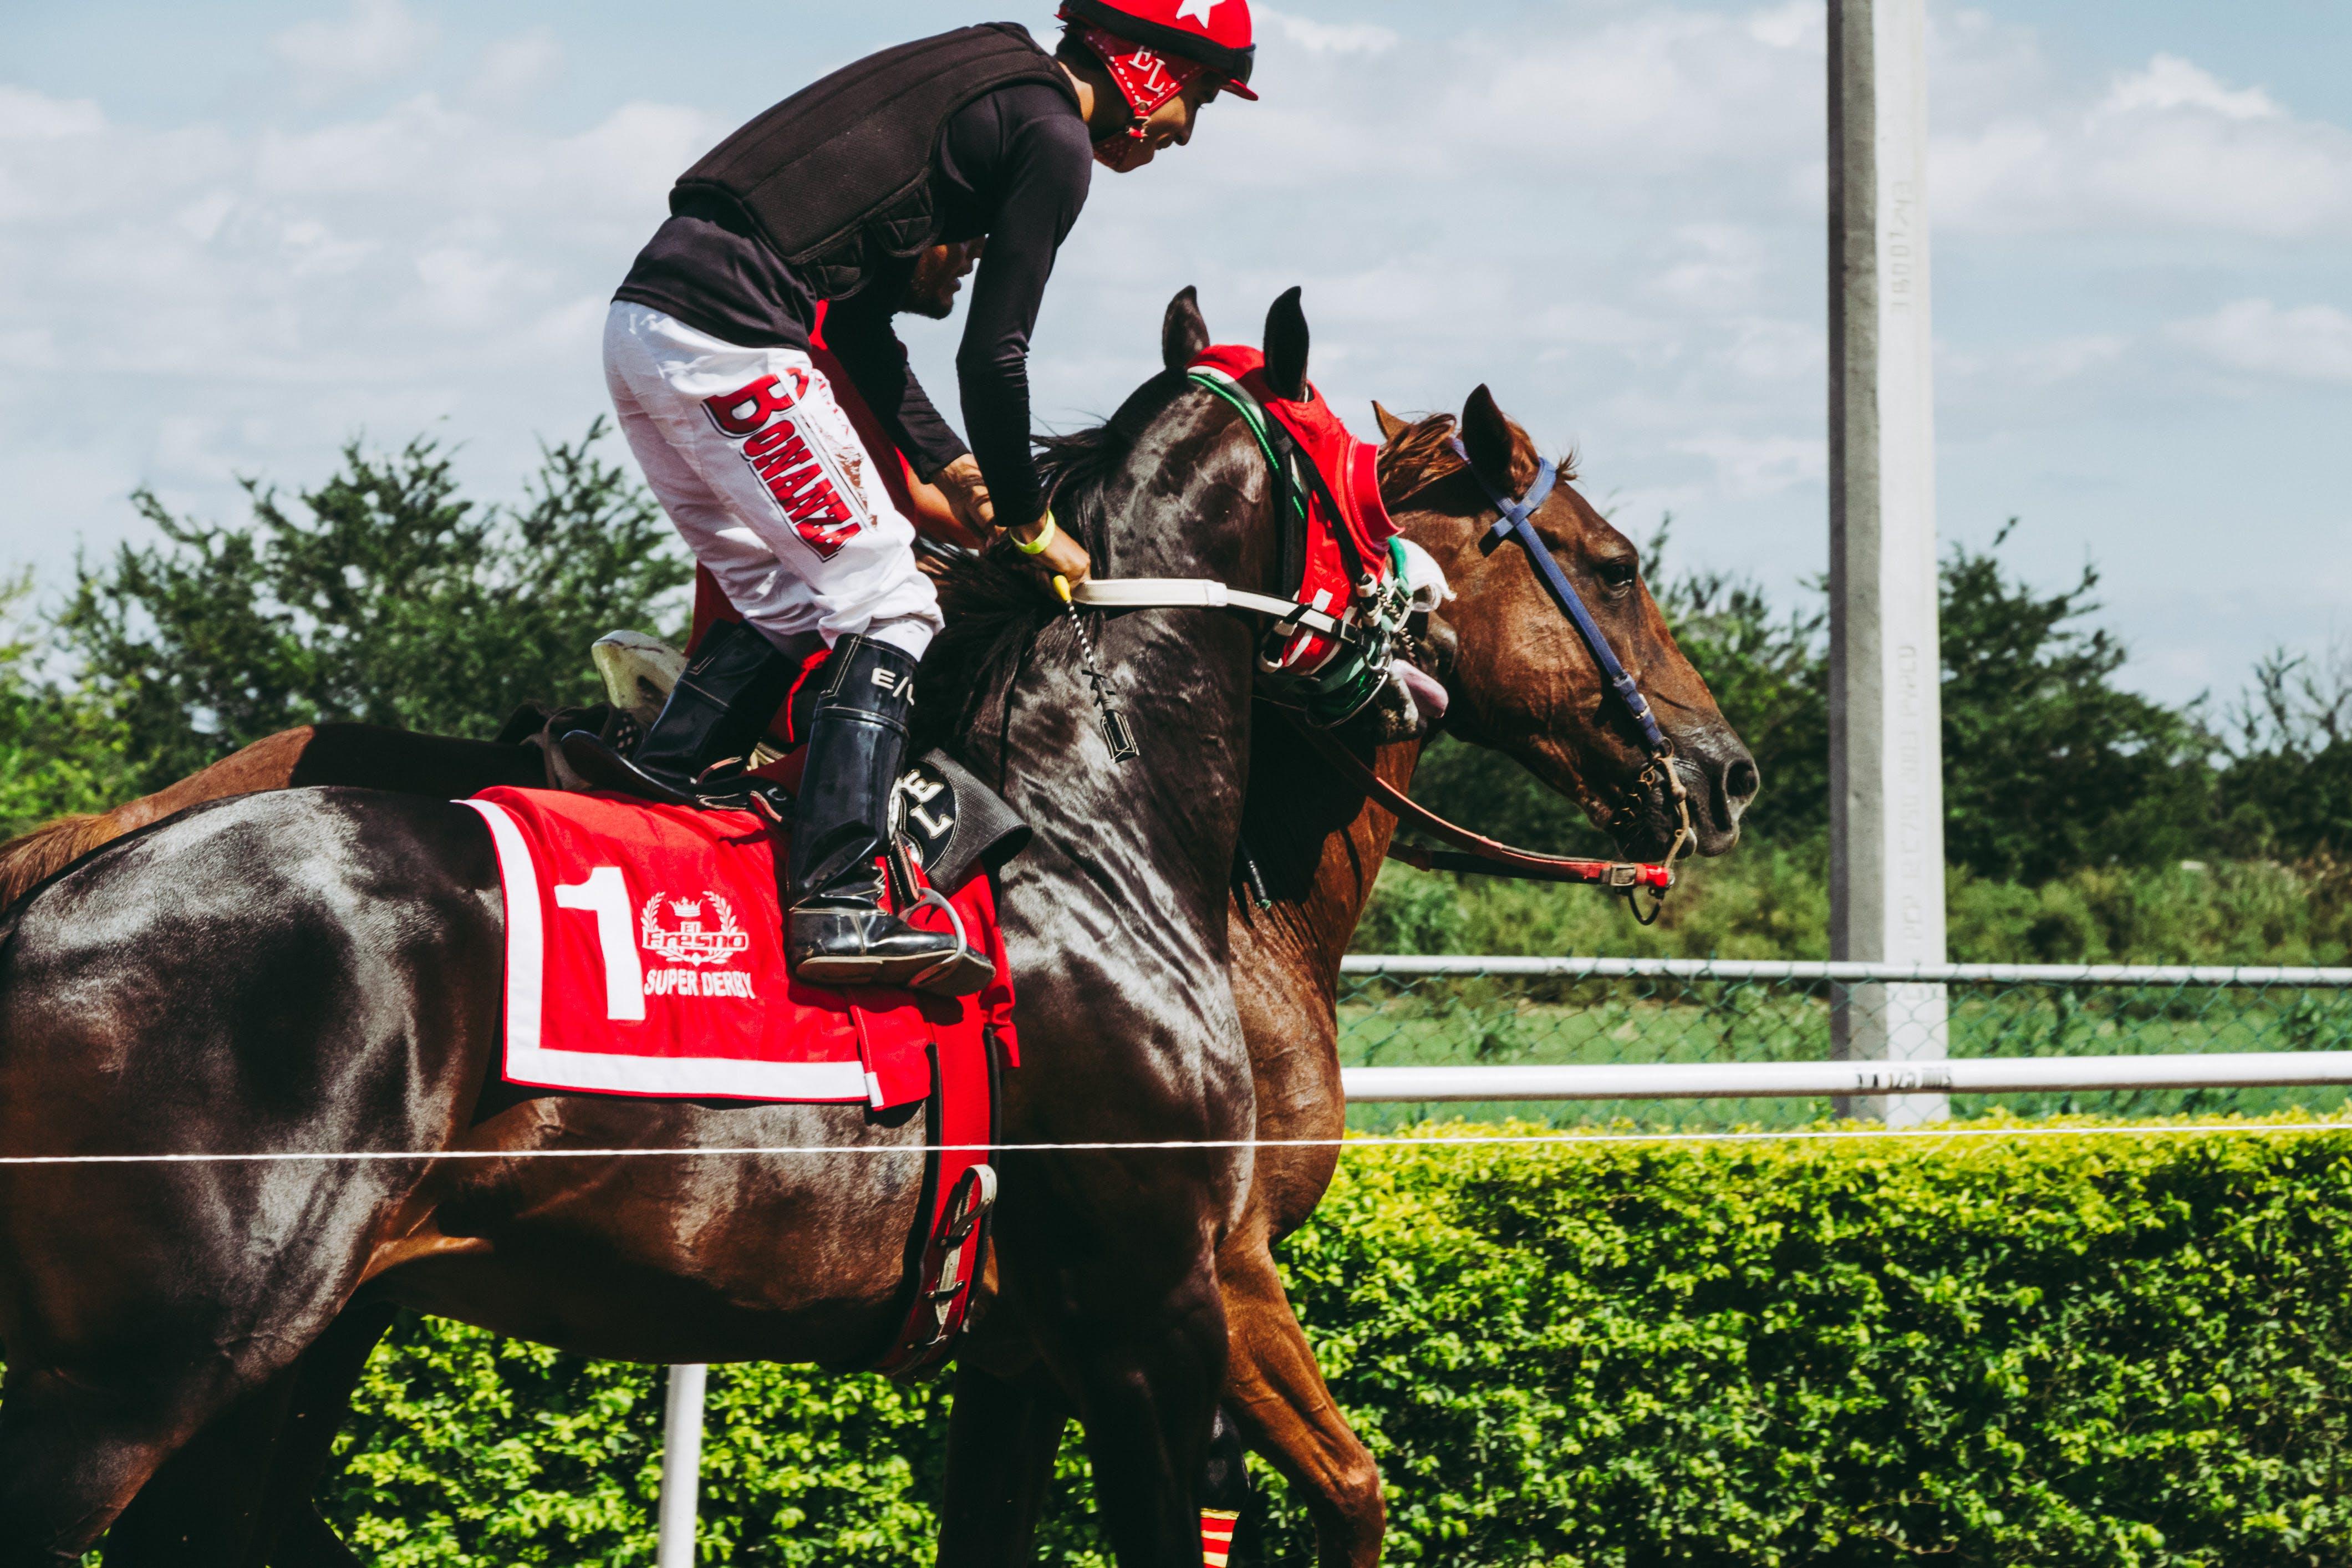 Fotos de stock gratuitas de caballo, caballo de carreras, cadete, carrera de caballos